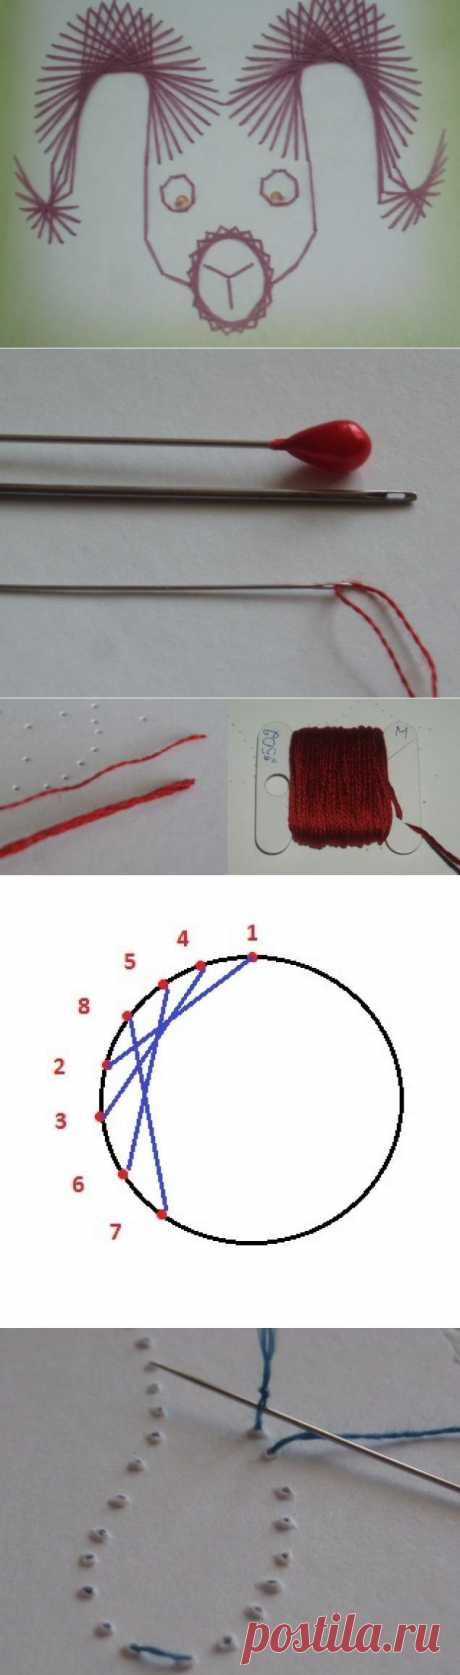 Вышиваем Овна в технике Изонить - Ярмарка Мастеров - ручная работа, handmade